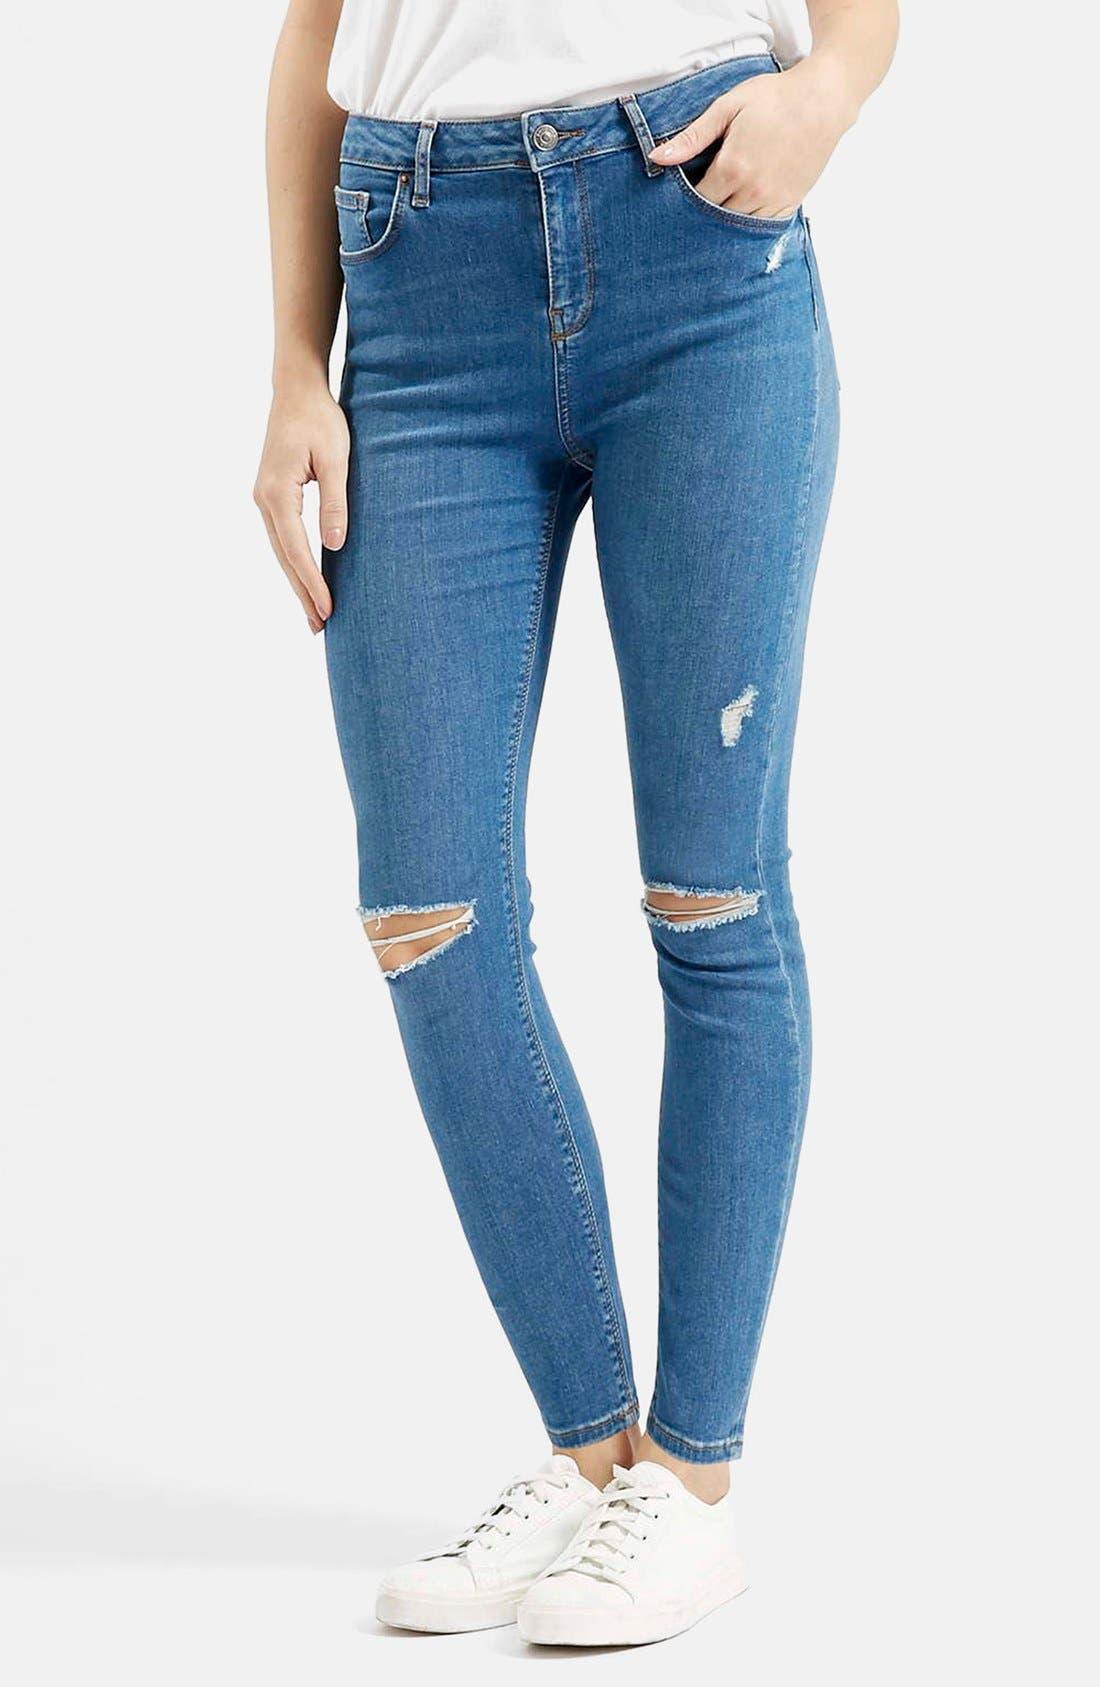 Main Image - Topshop Moto 'Jamie' High Rise Skinny Jeans (Mid Denim) (Regular & Petite)